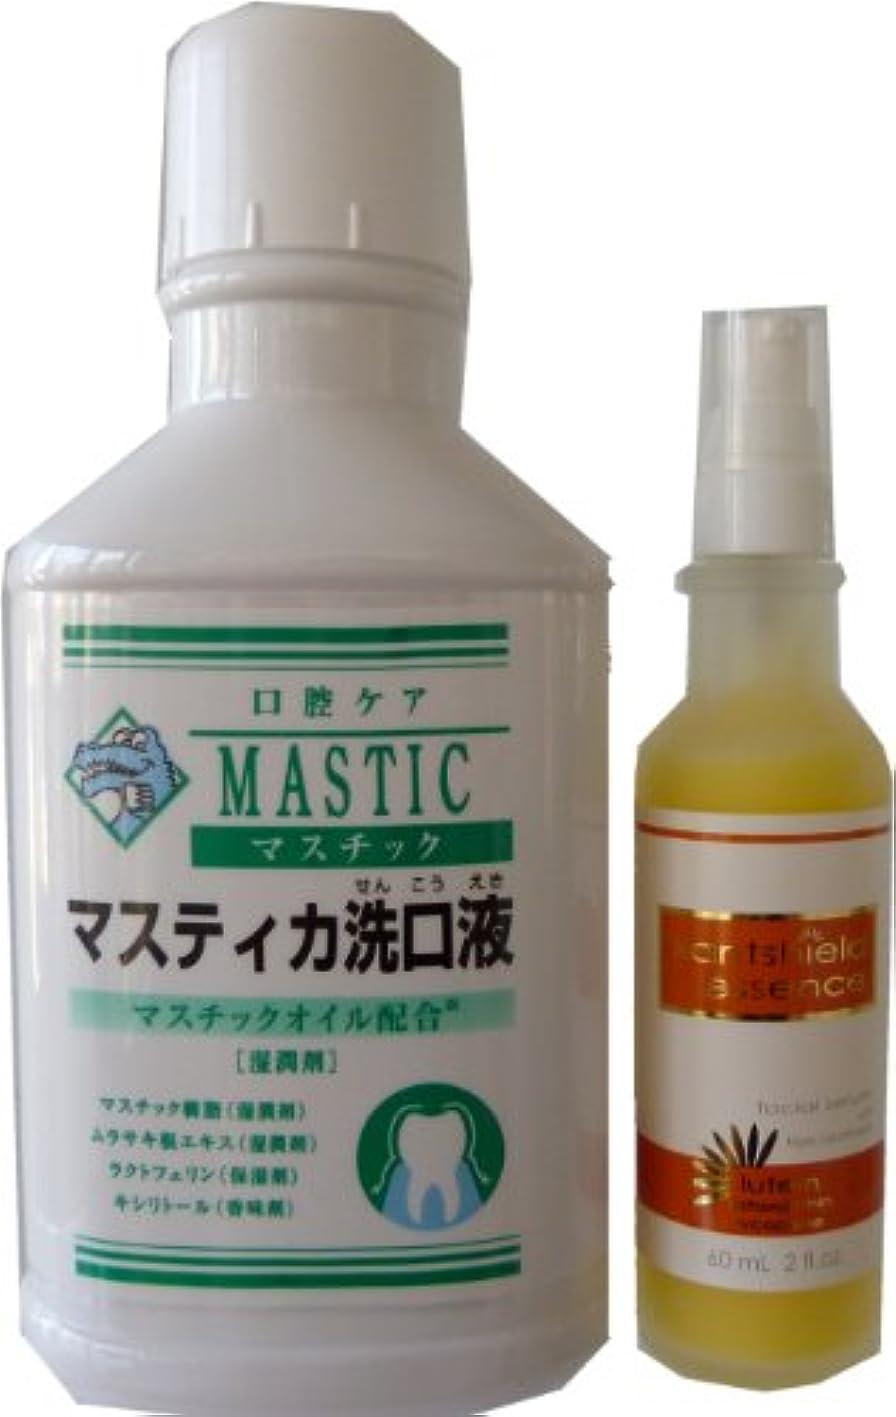 コマース行進フォーマルサンシールドエッセンス美容液+マスティカ洗口液セット(60mg+480ml)